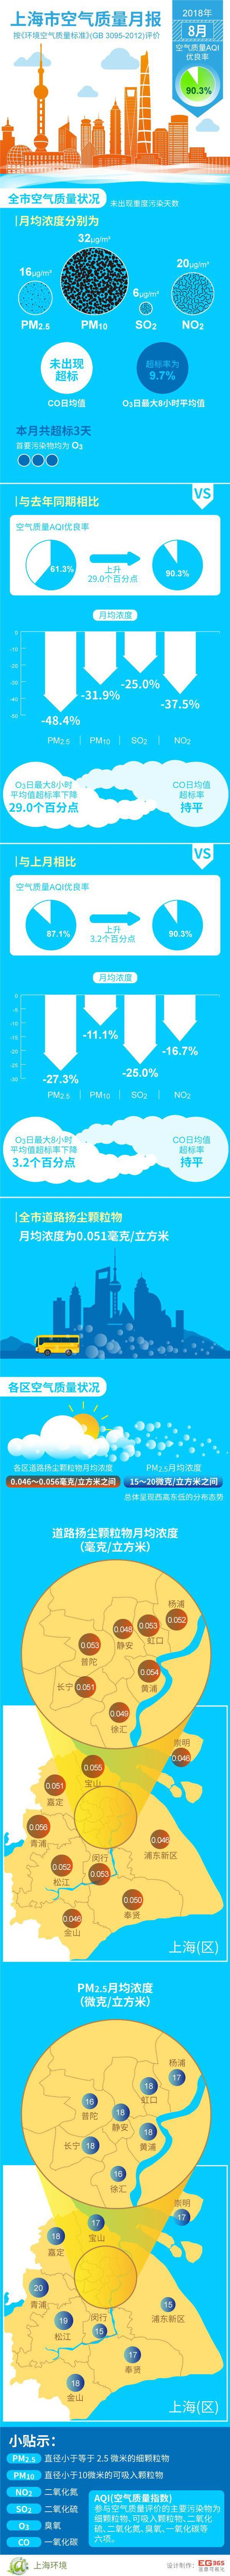 申城8月空气质量AQI优良率达90.3% 未出现重度污染天